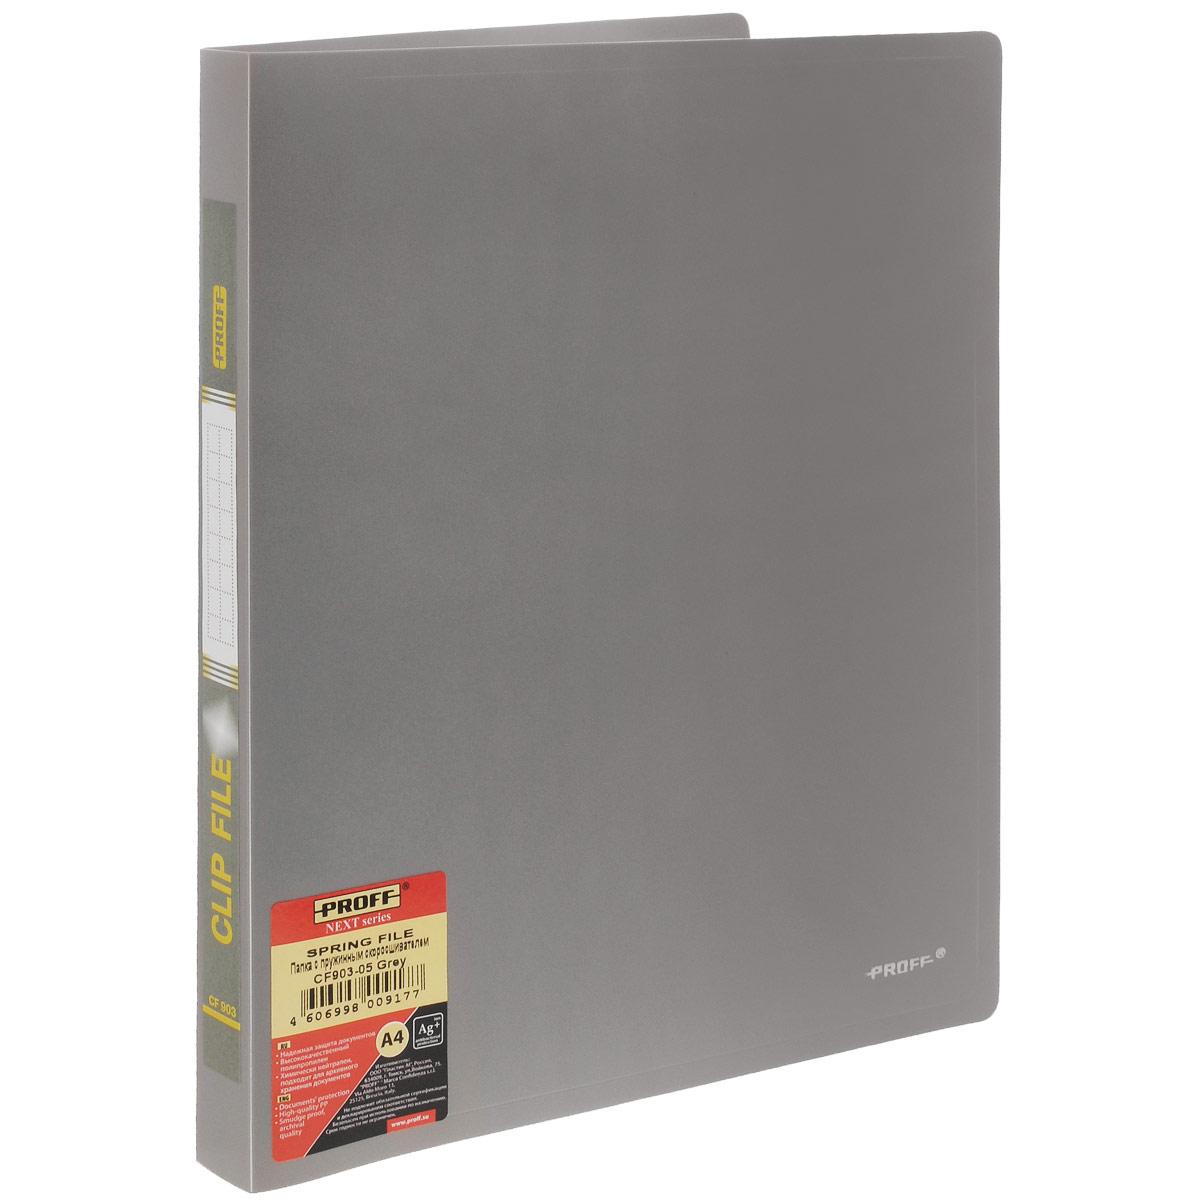 Папка-скоросшиватель Proff Next, цвет: серый. Формат А4. CF903-05CF903-05Папка-скоросшиватель Proff Next - это удобный и практичный офисный инструмент, предназначенный для хранения и транспортировки рабочих бумаг и документов формата А4. Папка изготовлена из высококачественного плотного полипропилена и оснащена металлическим пружинным скоросшивателем. Папка-скоросшиватель - это незаменимый атрибут для студента, школьника, офисного работника. Такая папка надежно сохранит ваши документы и сбережет их от повреждений, пыли и влаги.